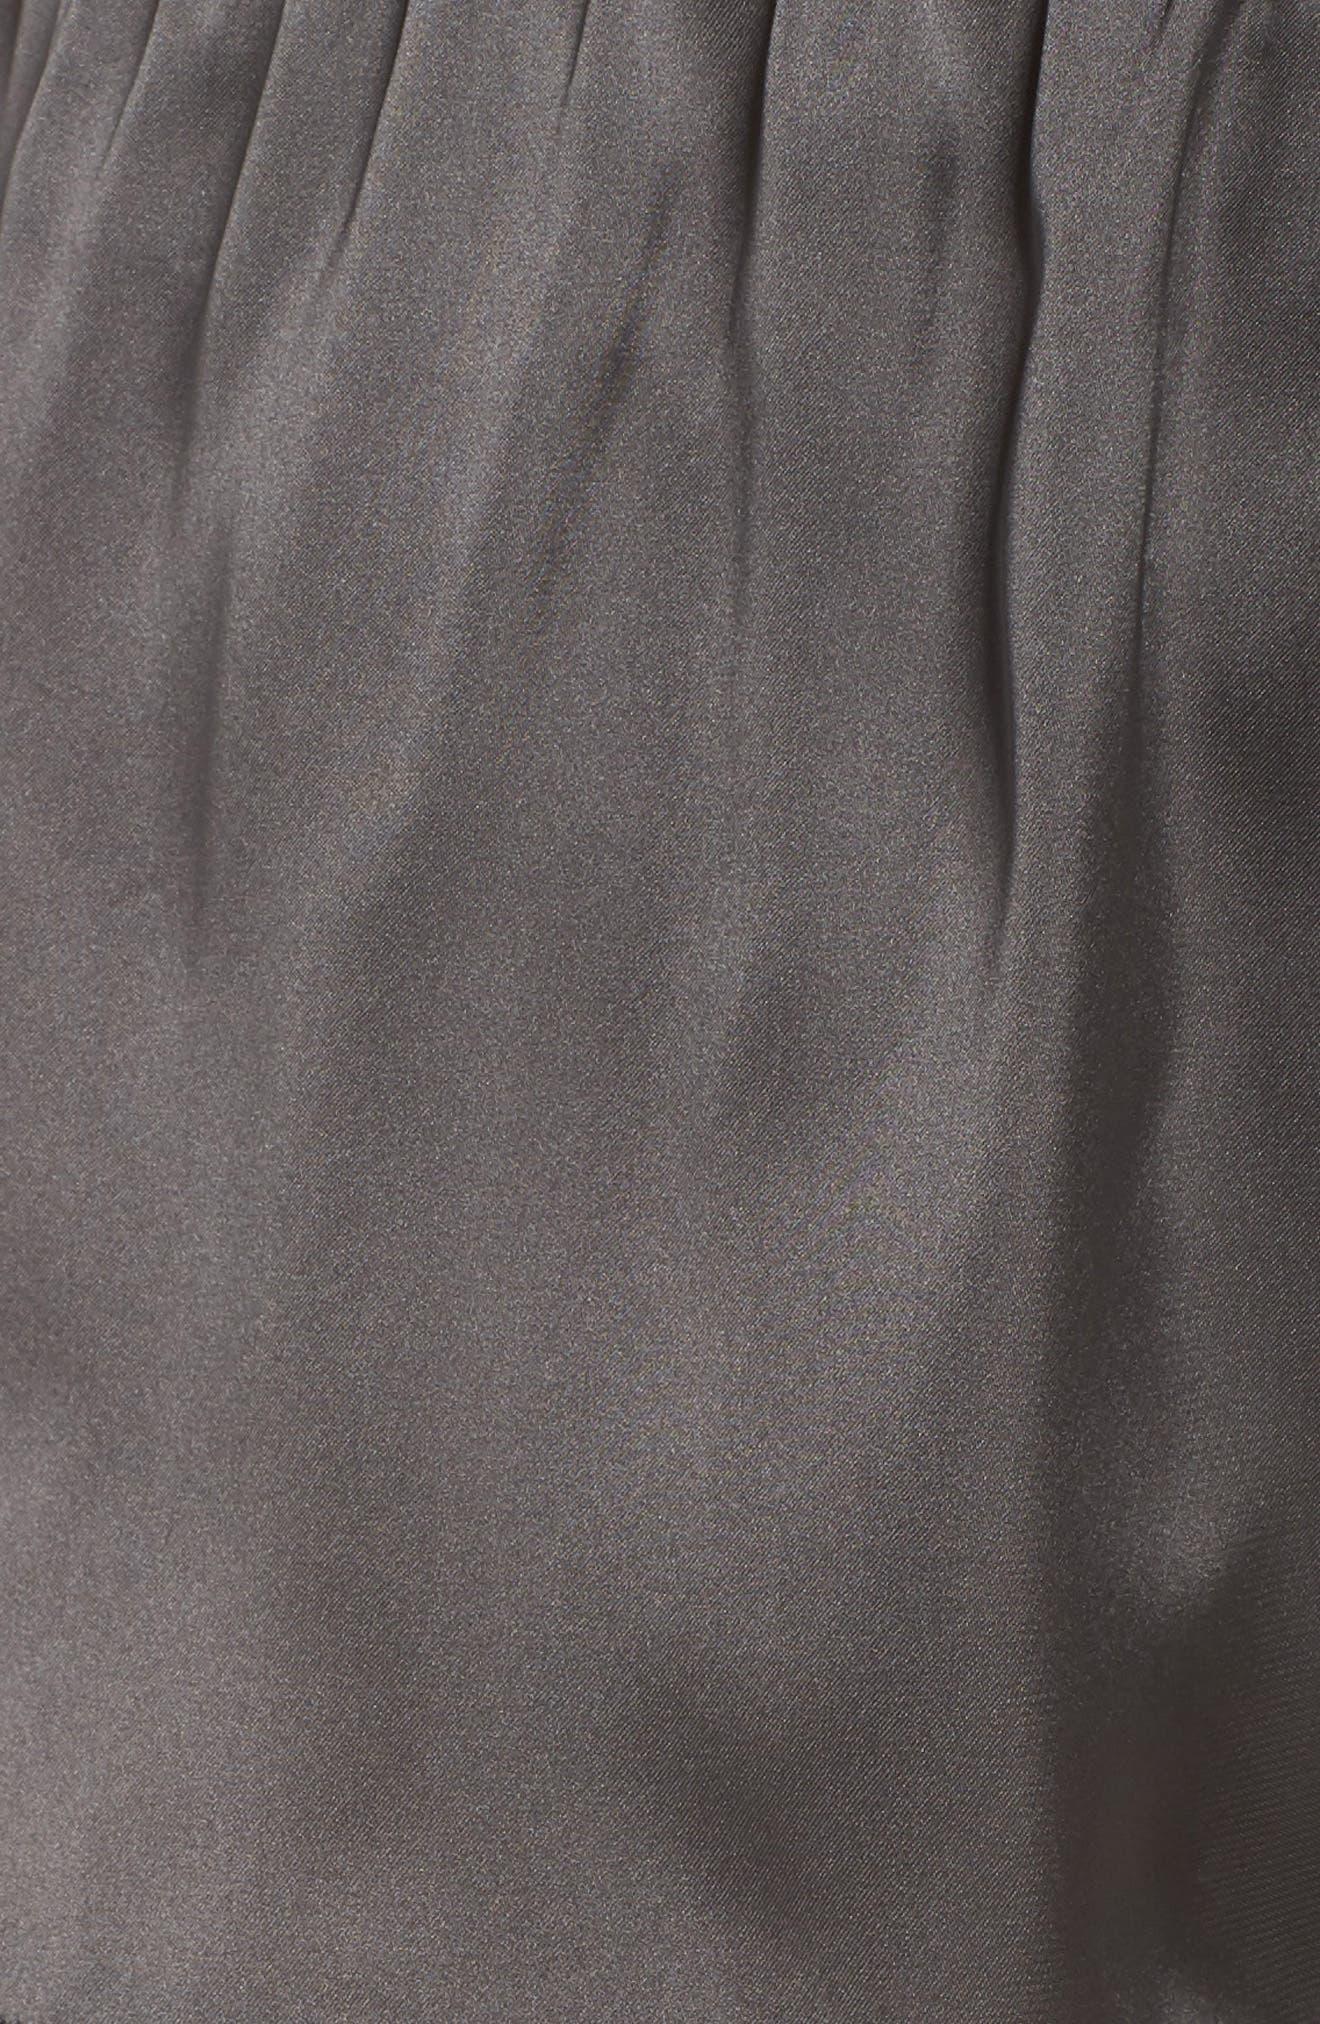 Satin Lounge Shorts,                             Alternate thumbnail 5, color,                             022